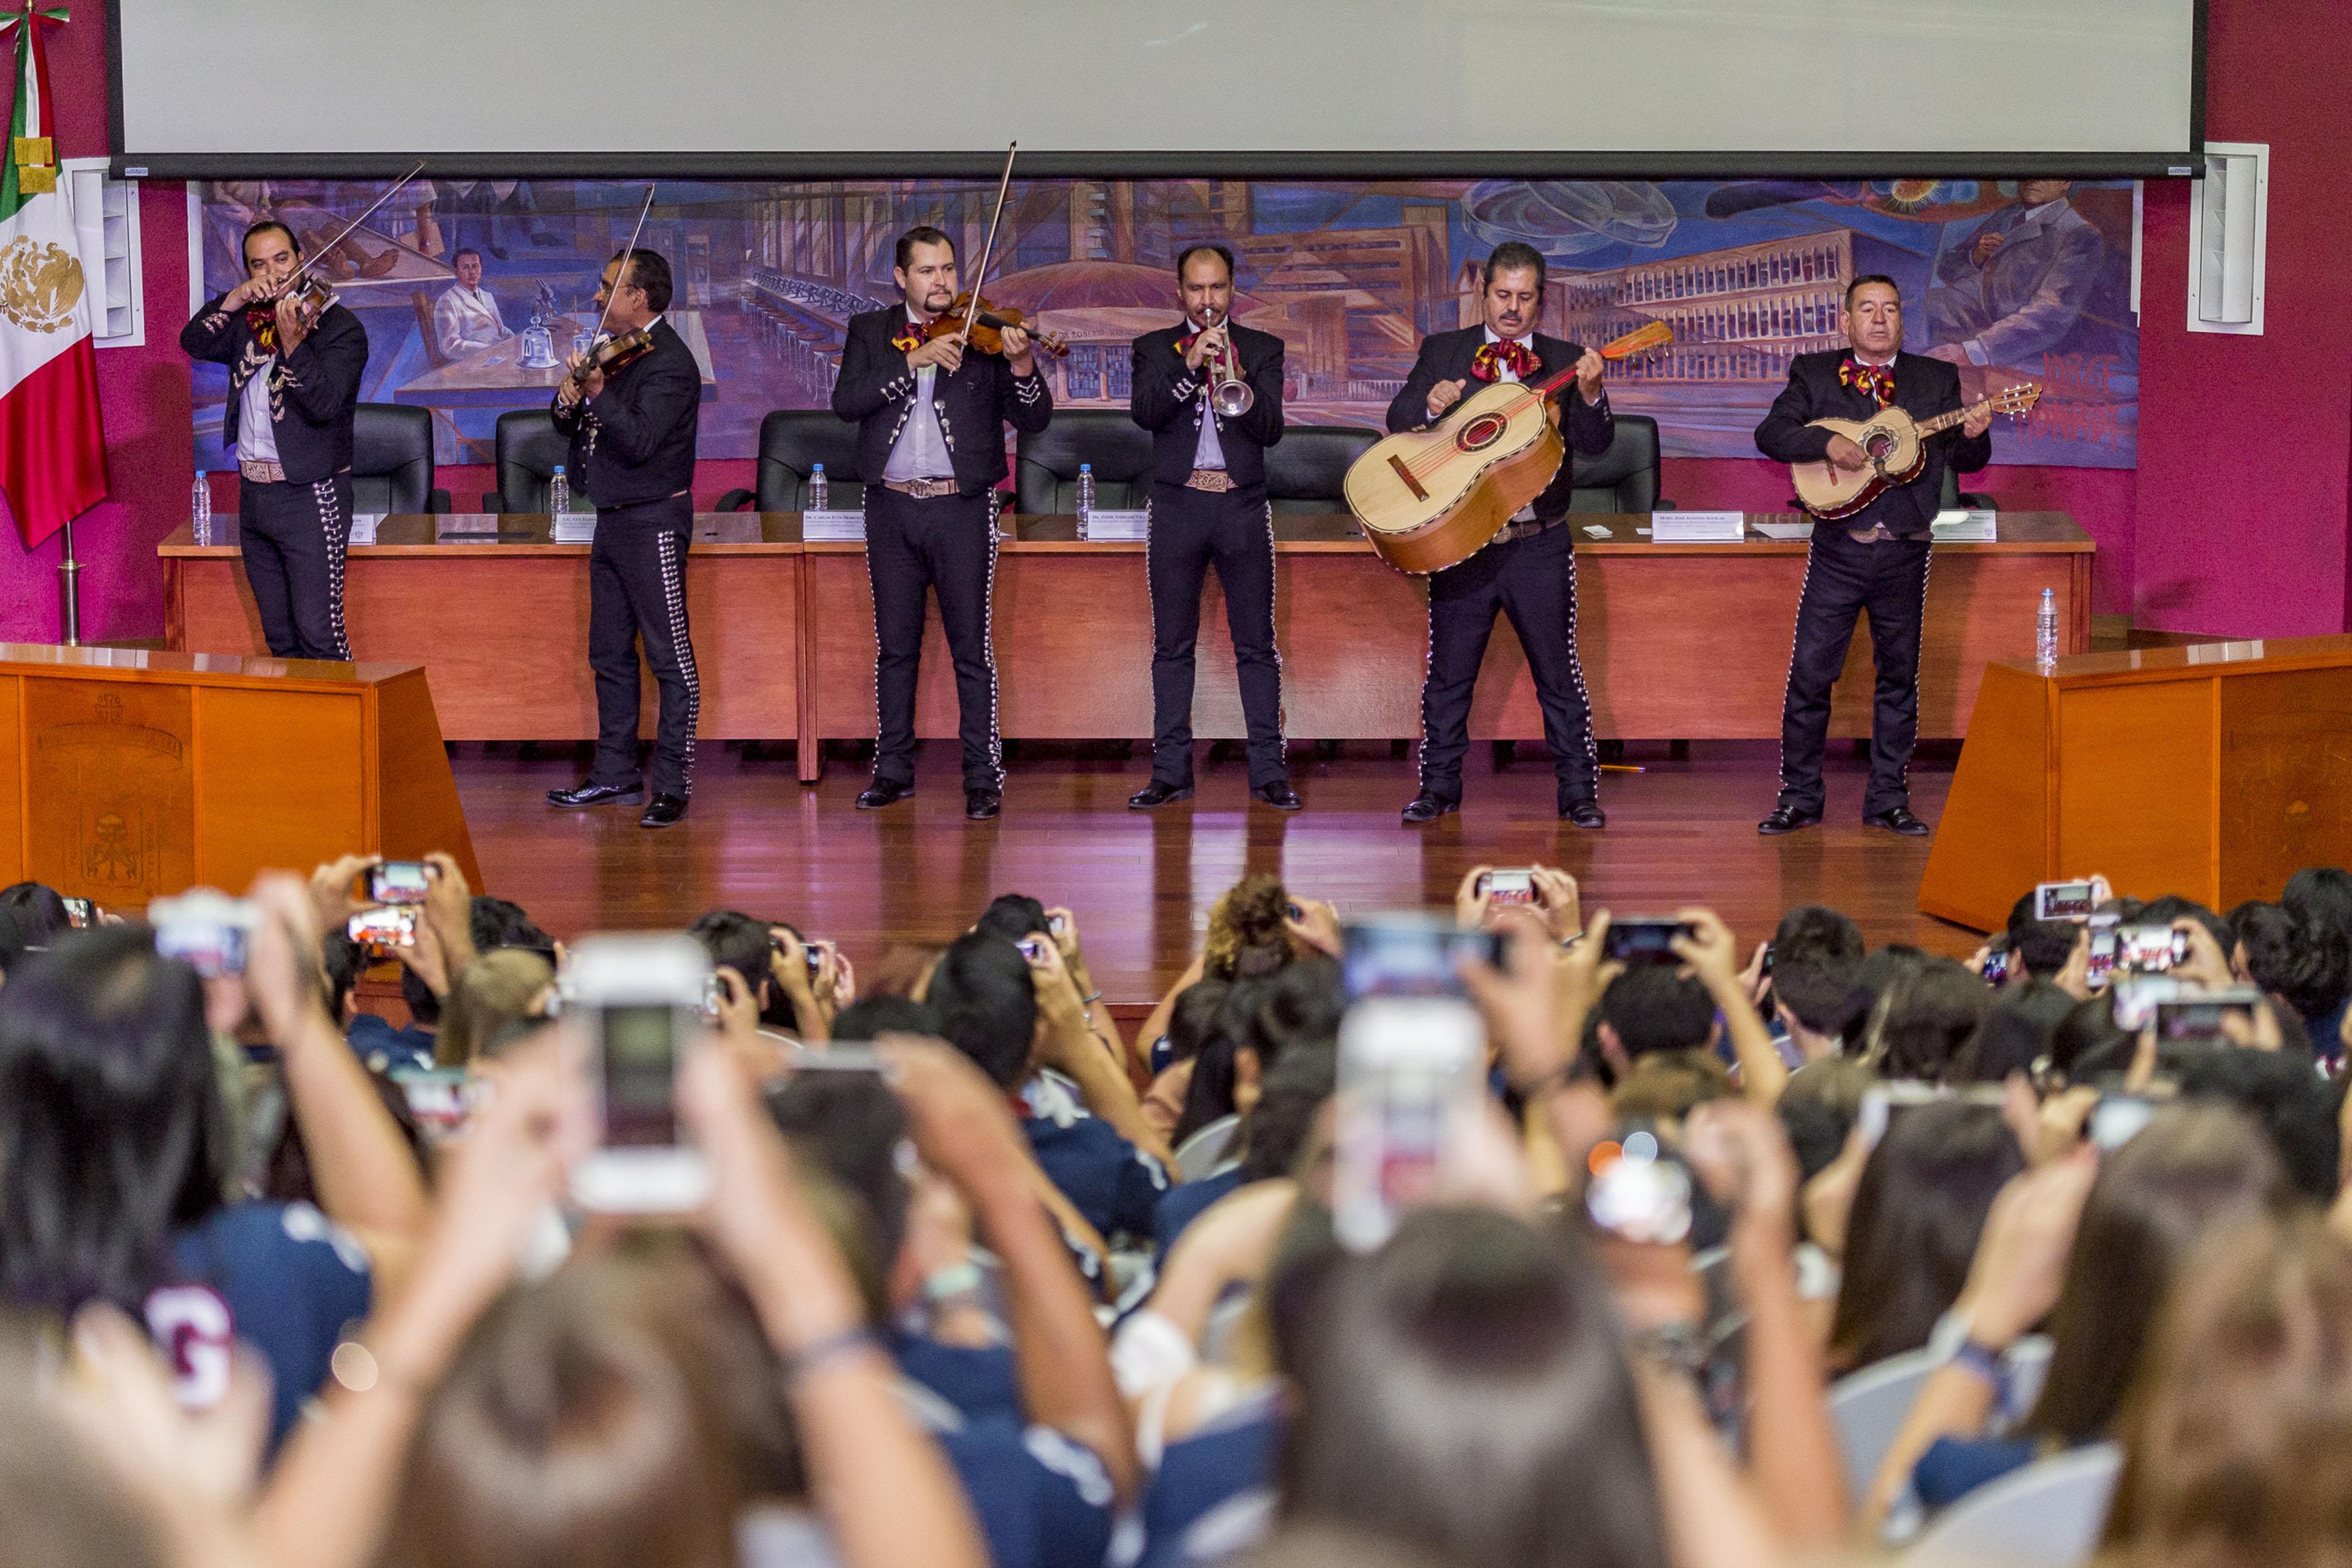 Grupo de Mariachi, tocando música durante la ceremonia de bienvenida  a los estudiantes extranjeros.